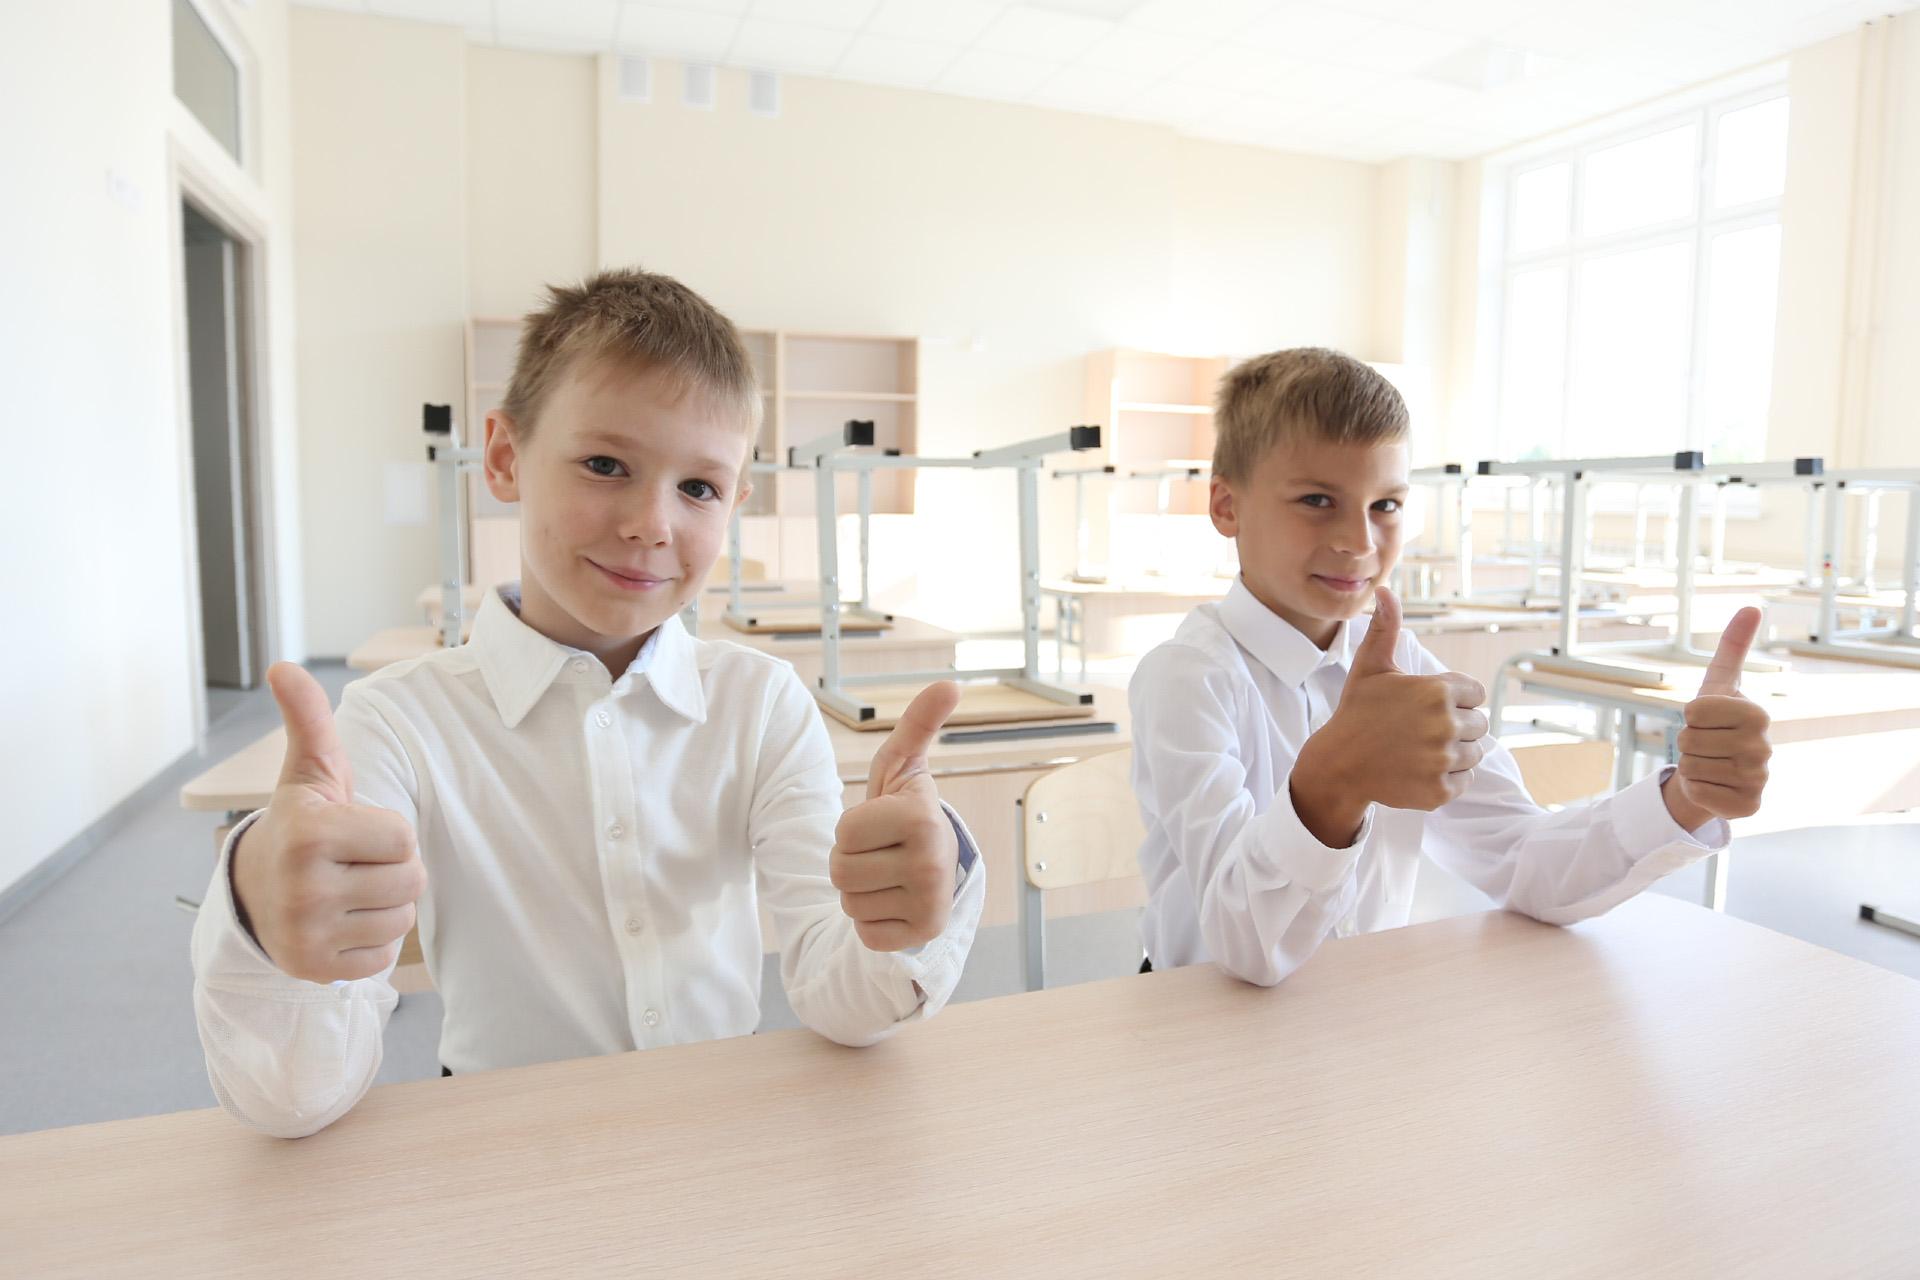 Михаил и Адриан в восторге от увиденного, но 1 сентября им придётся пойти в свои школы